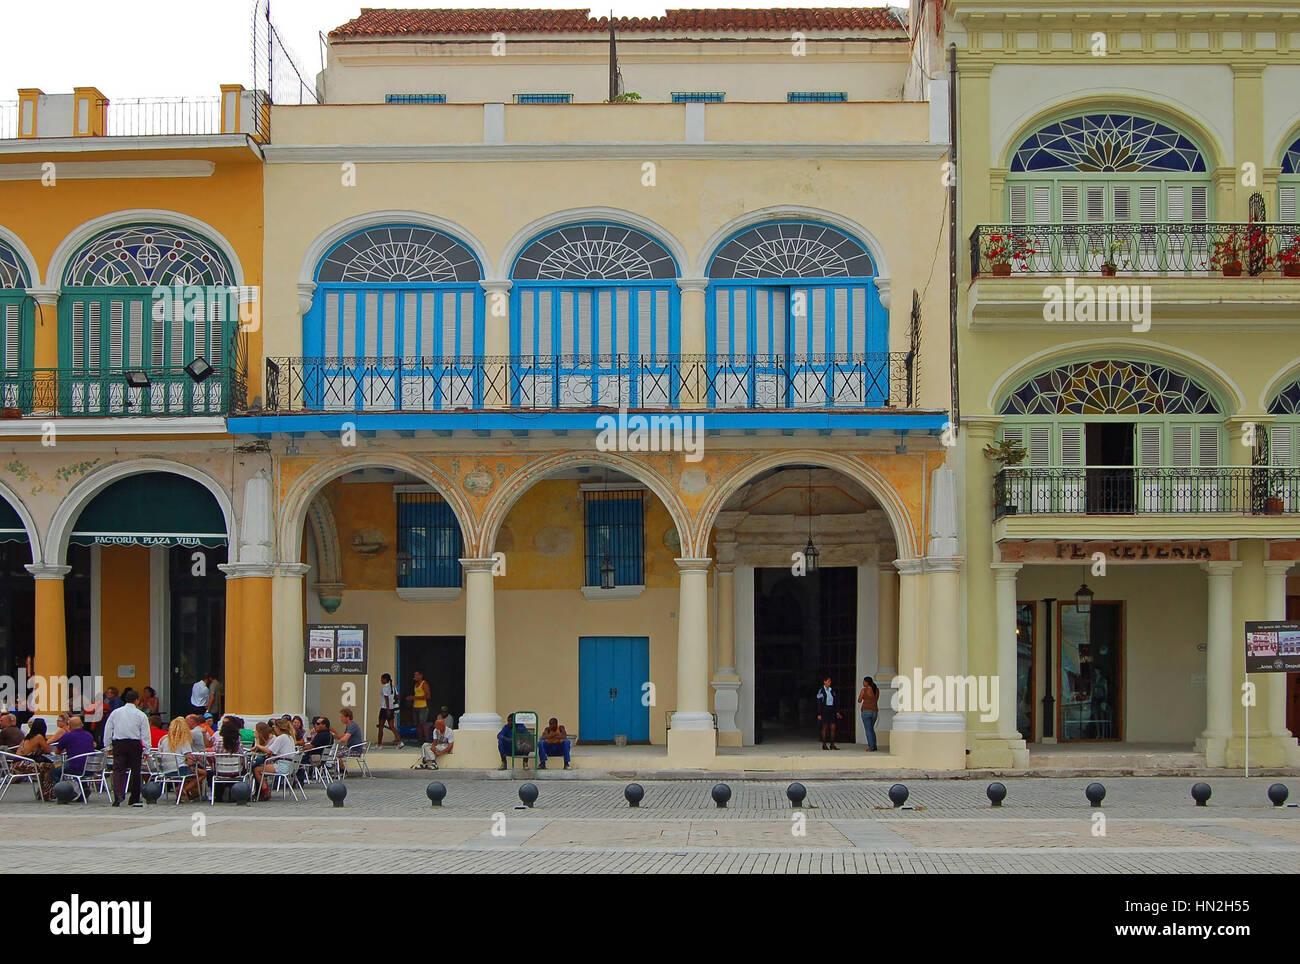 Facade of Casa del Conde de Lombillo in Plaza Vieja, Havana, Cuba Stock Photo